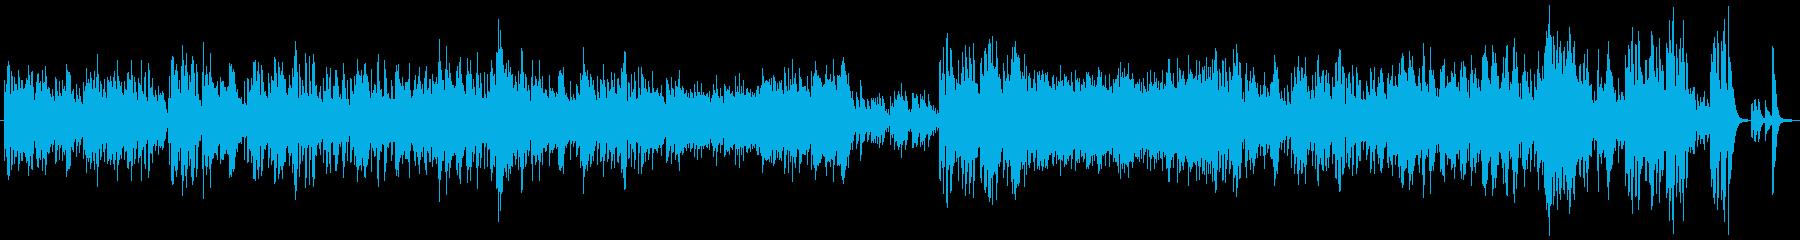 ワルツ 第4番 ピアノソロ版の再生済みの波形